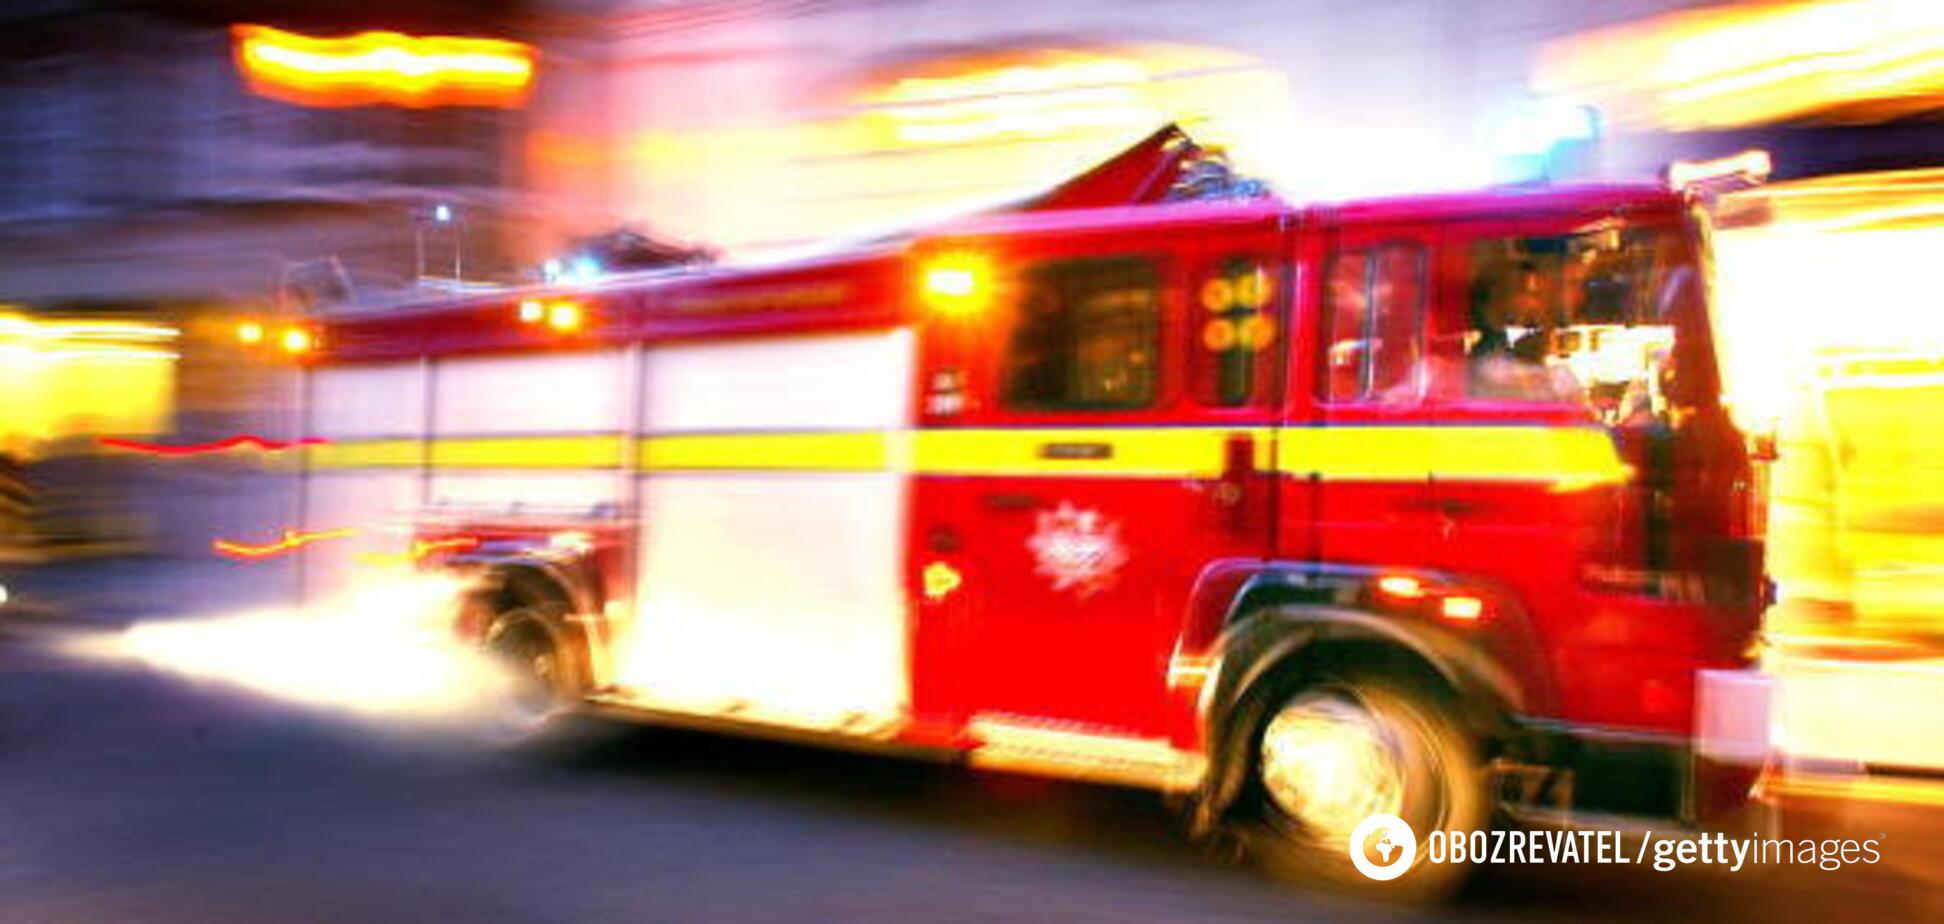 Діти задихнулися димом: у ДСНС розповіли деталі страшної трагедії на Чернігівщині